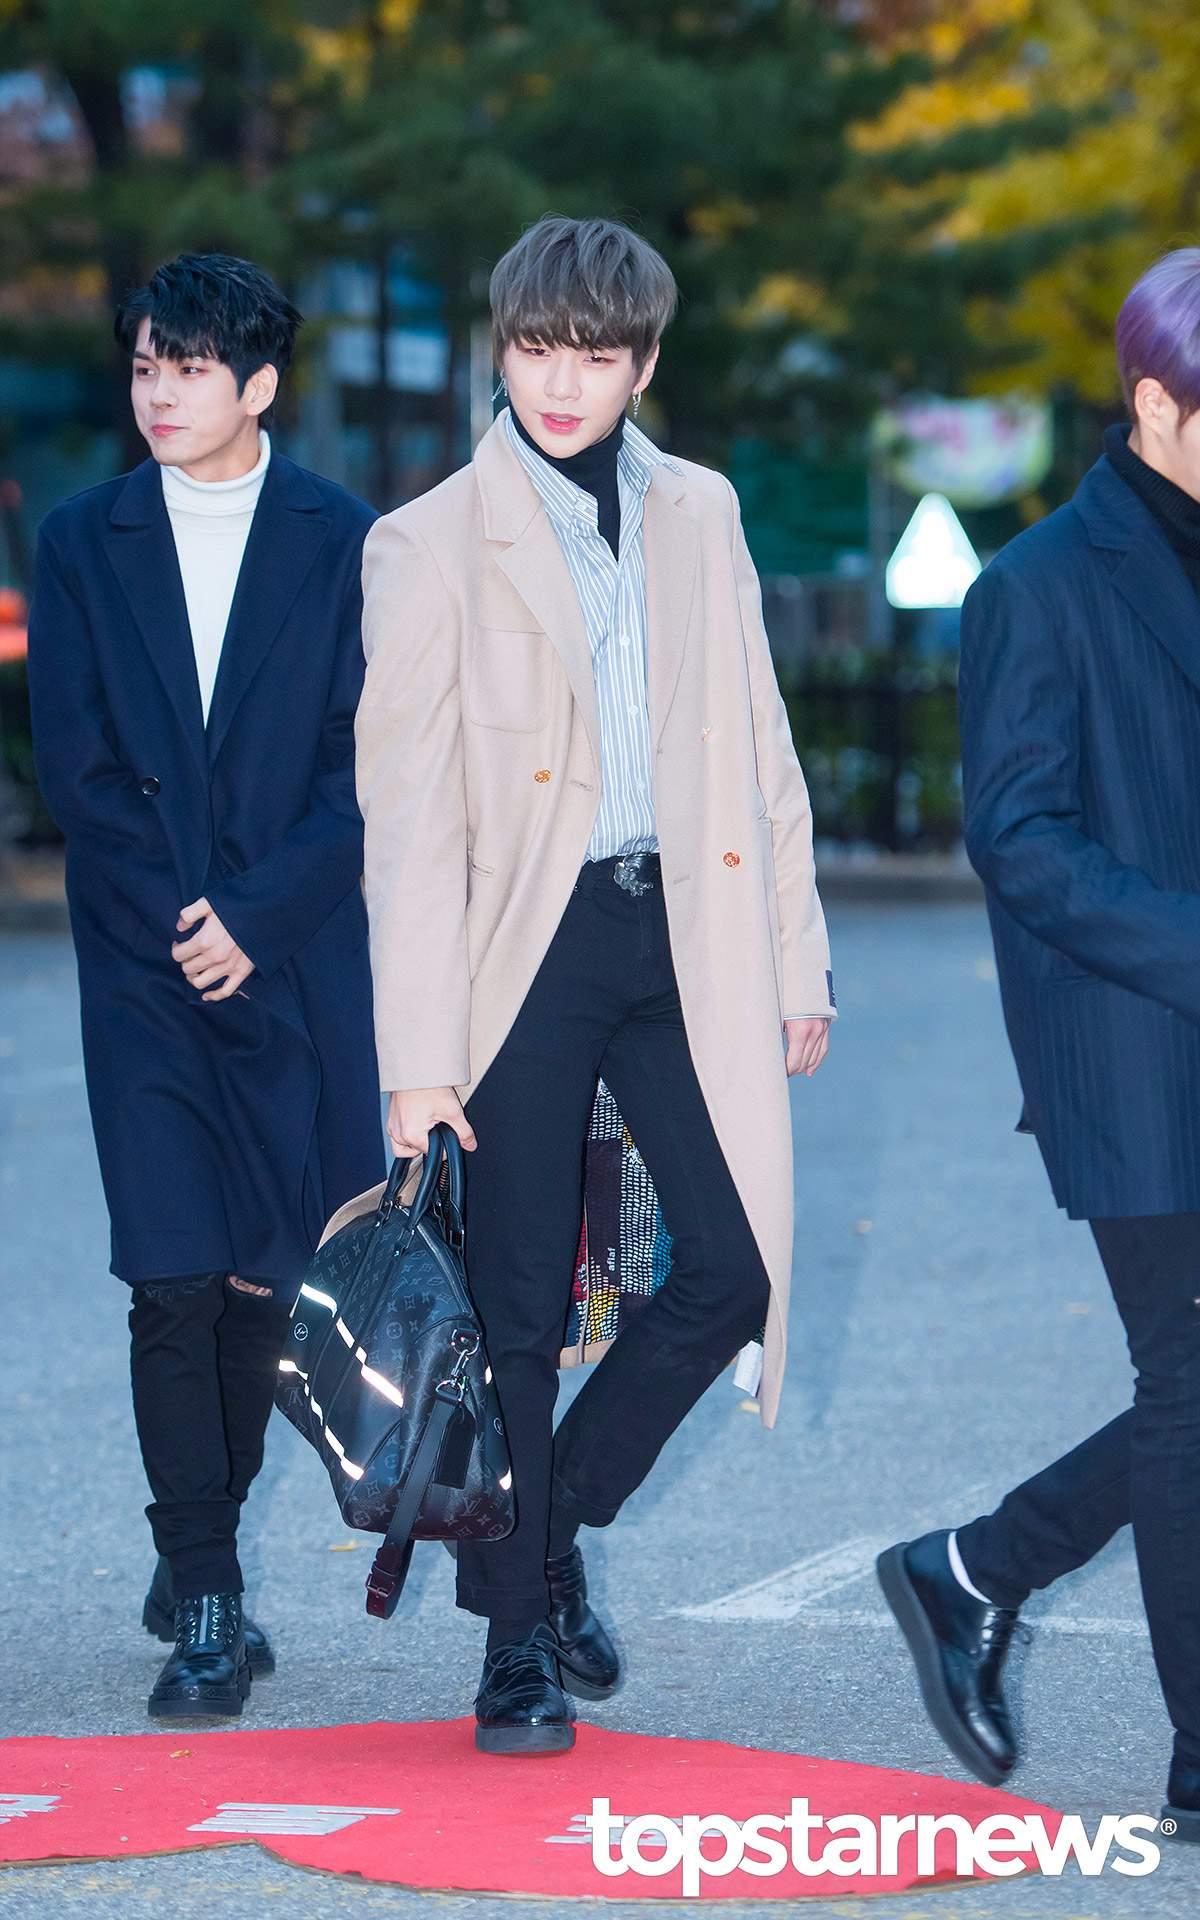 #米色大衣 另外亮眼的米色大衣也是最近偶像們穿搭愛用的單品之一,在秋冬沉重的深色系穿搭中能亮眼的跳出來!